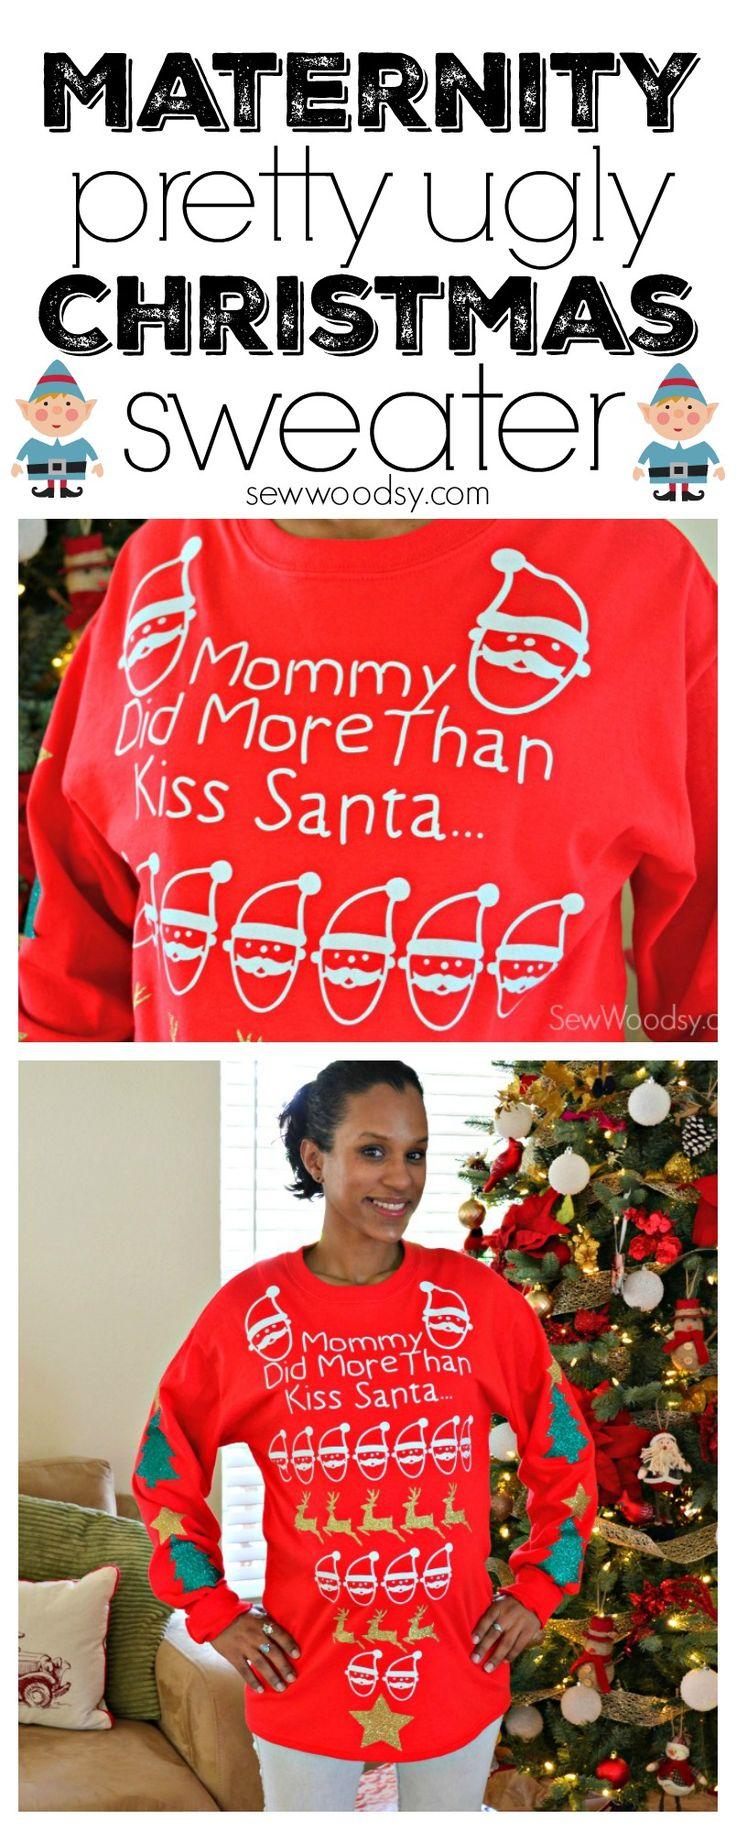 Maternity Pretty Ugly Christmas Sweater using @Cricut #PrettyUglySweater #Cricut #ad